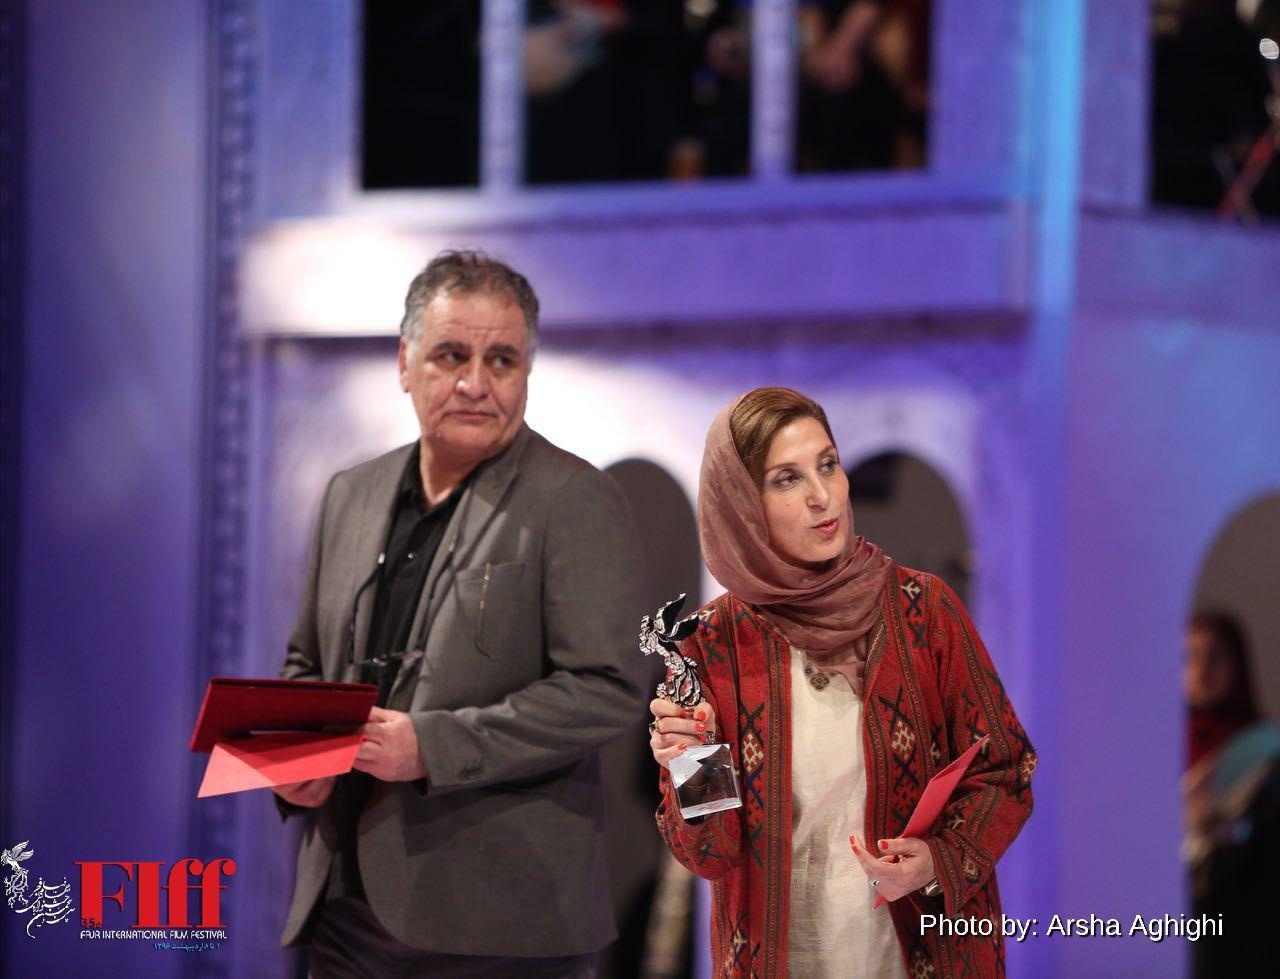 گزارش تصویری اختتامیه سی و پنجمین جشنواره جهانی فیلم فجر / ۱